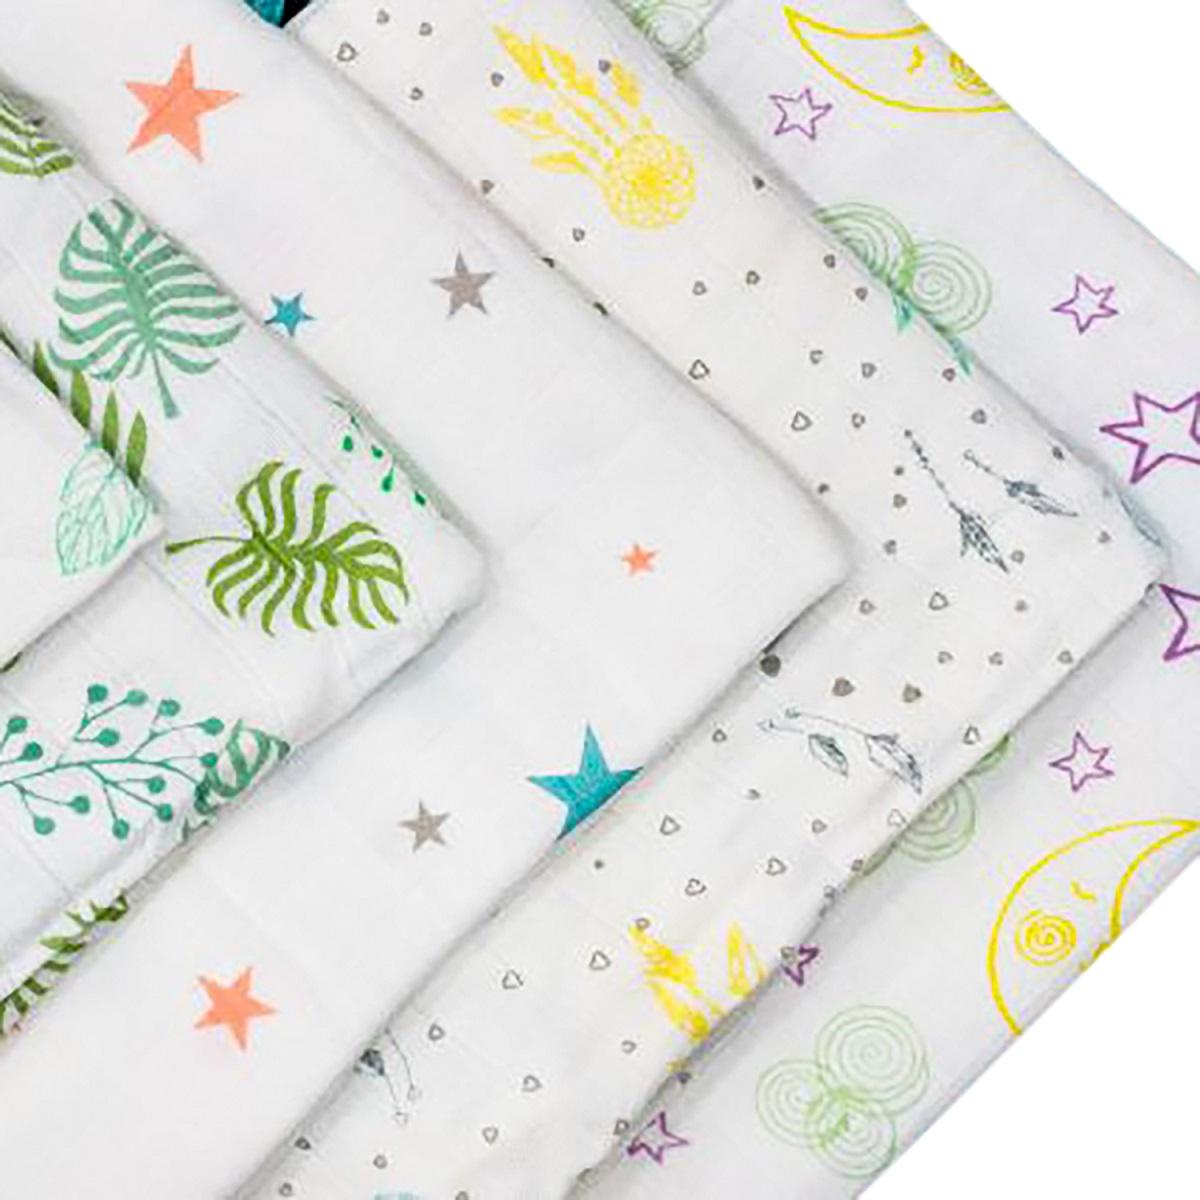 Bộ 10 cái khăn sữa vải sợi tre cho bé 30x30 Mamaru MA-KS30X30 - Diệt khuẩn, hút ẩm tốt, kháng tia UV